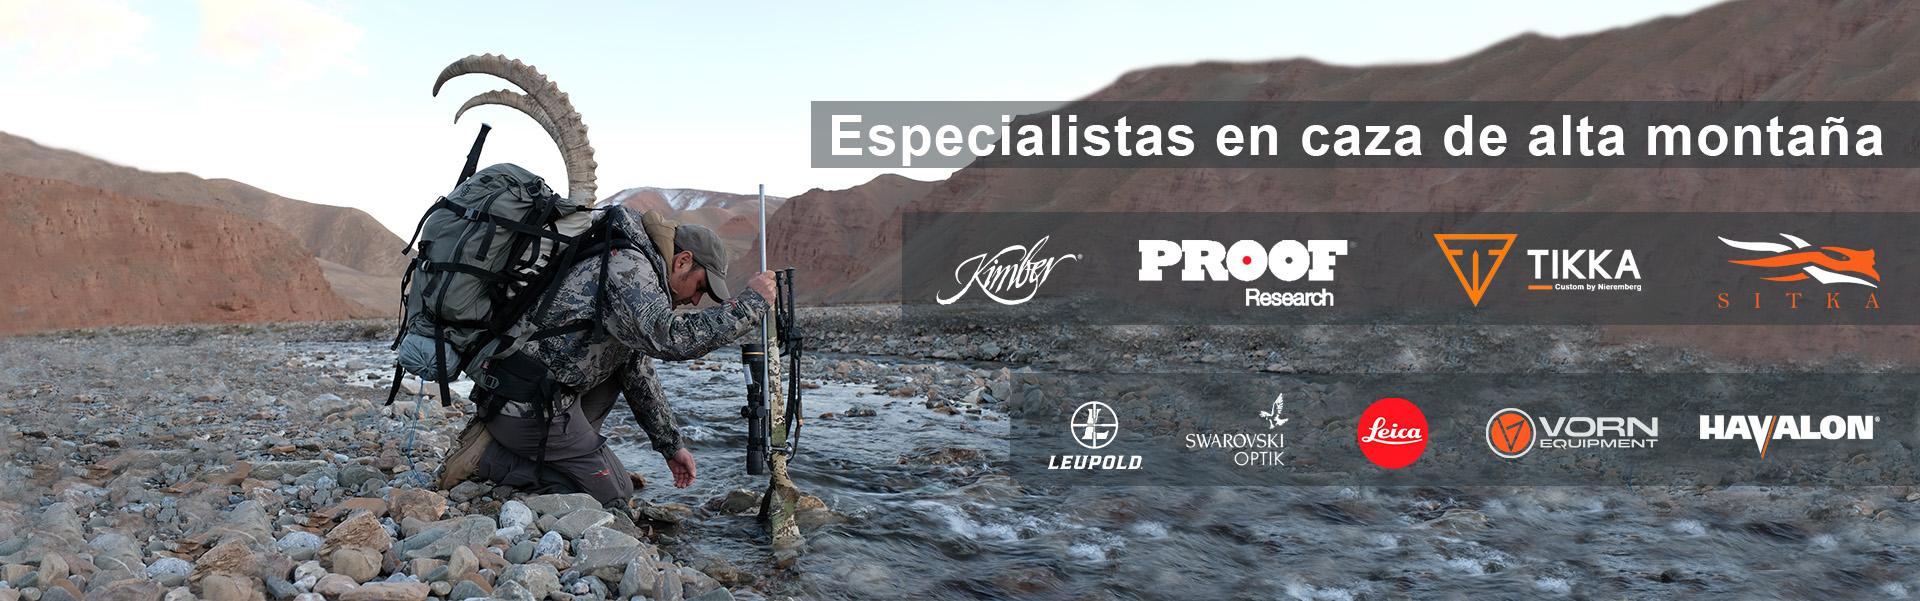 especialistas caza alta montaña